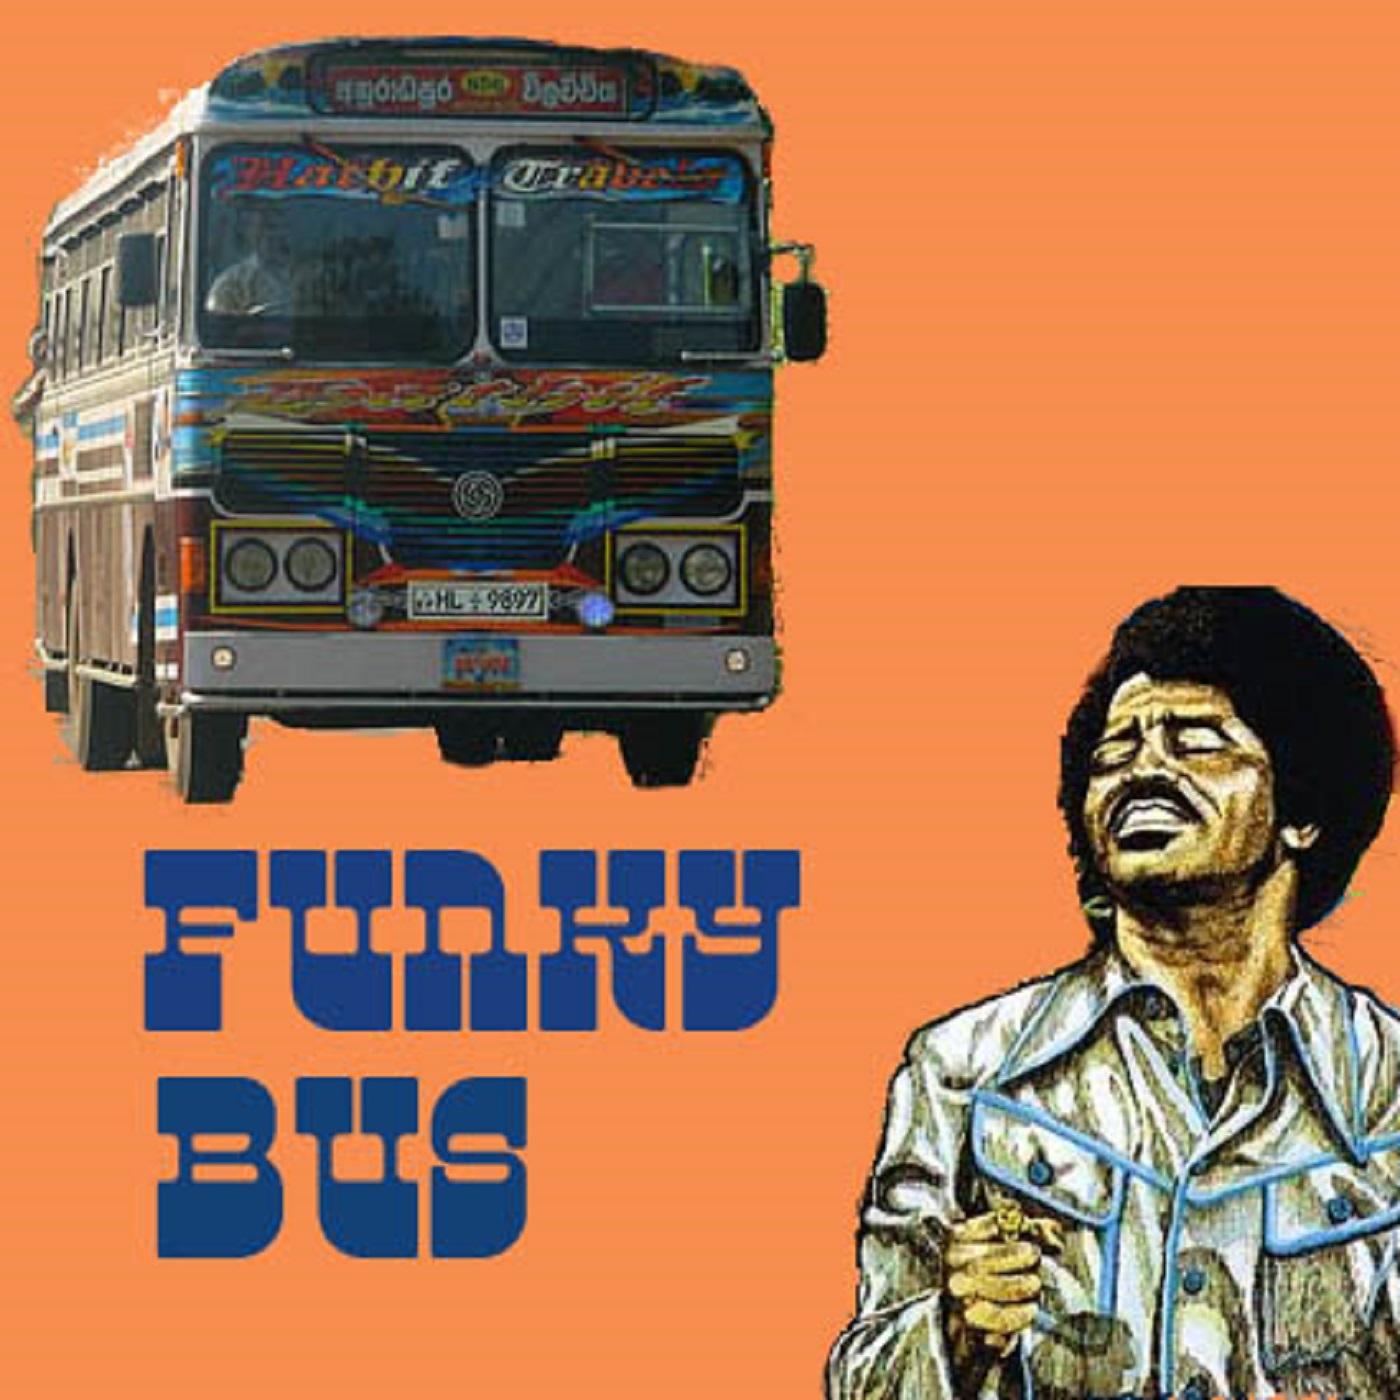 Funky Bus